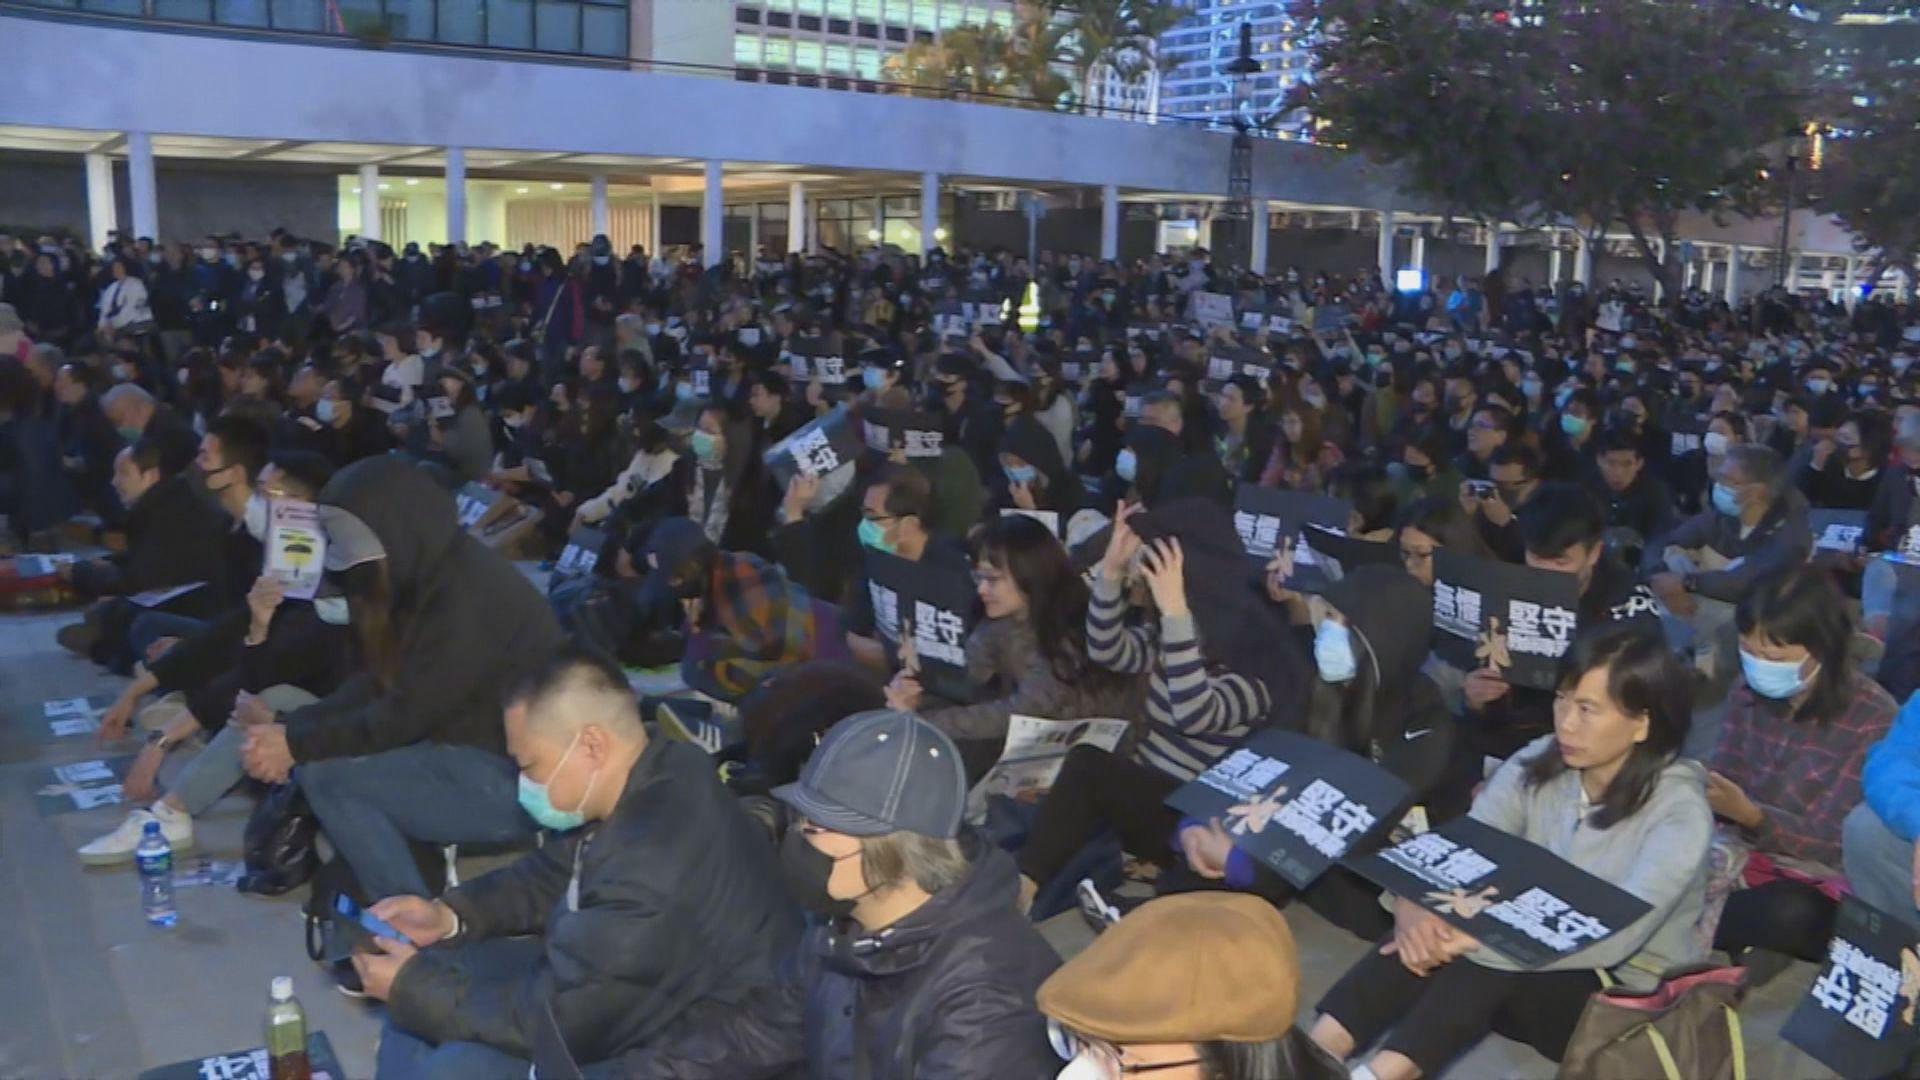 教協晚上集會批政府打壓業界 稱有兩萬人出席